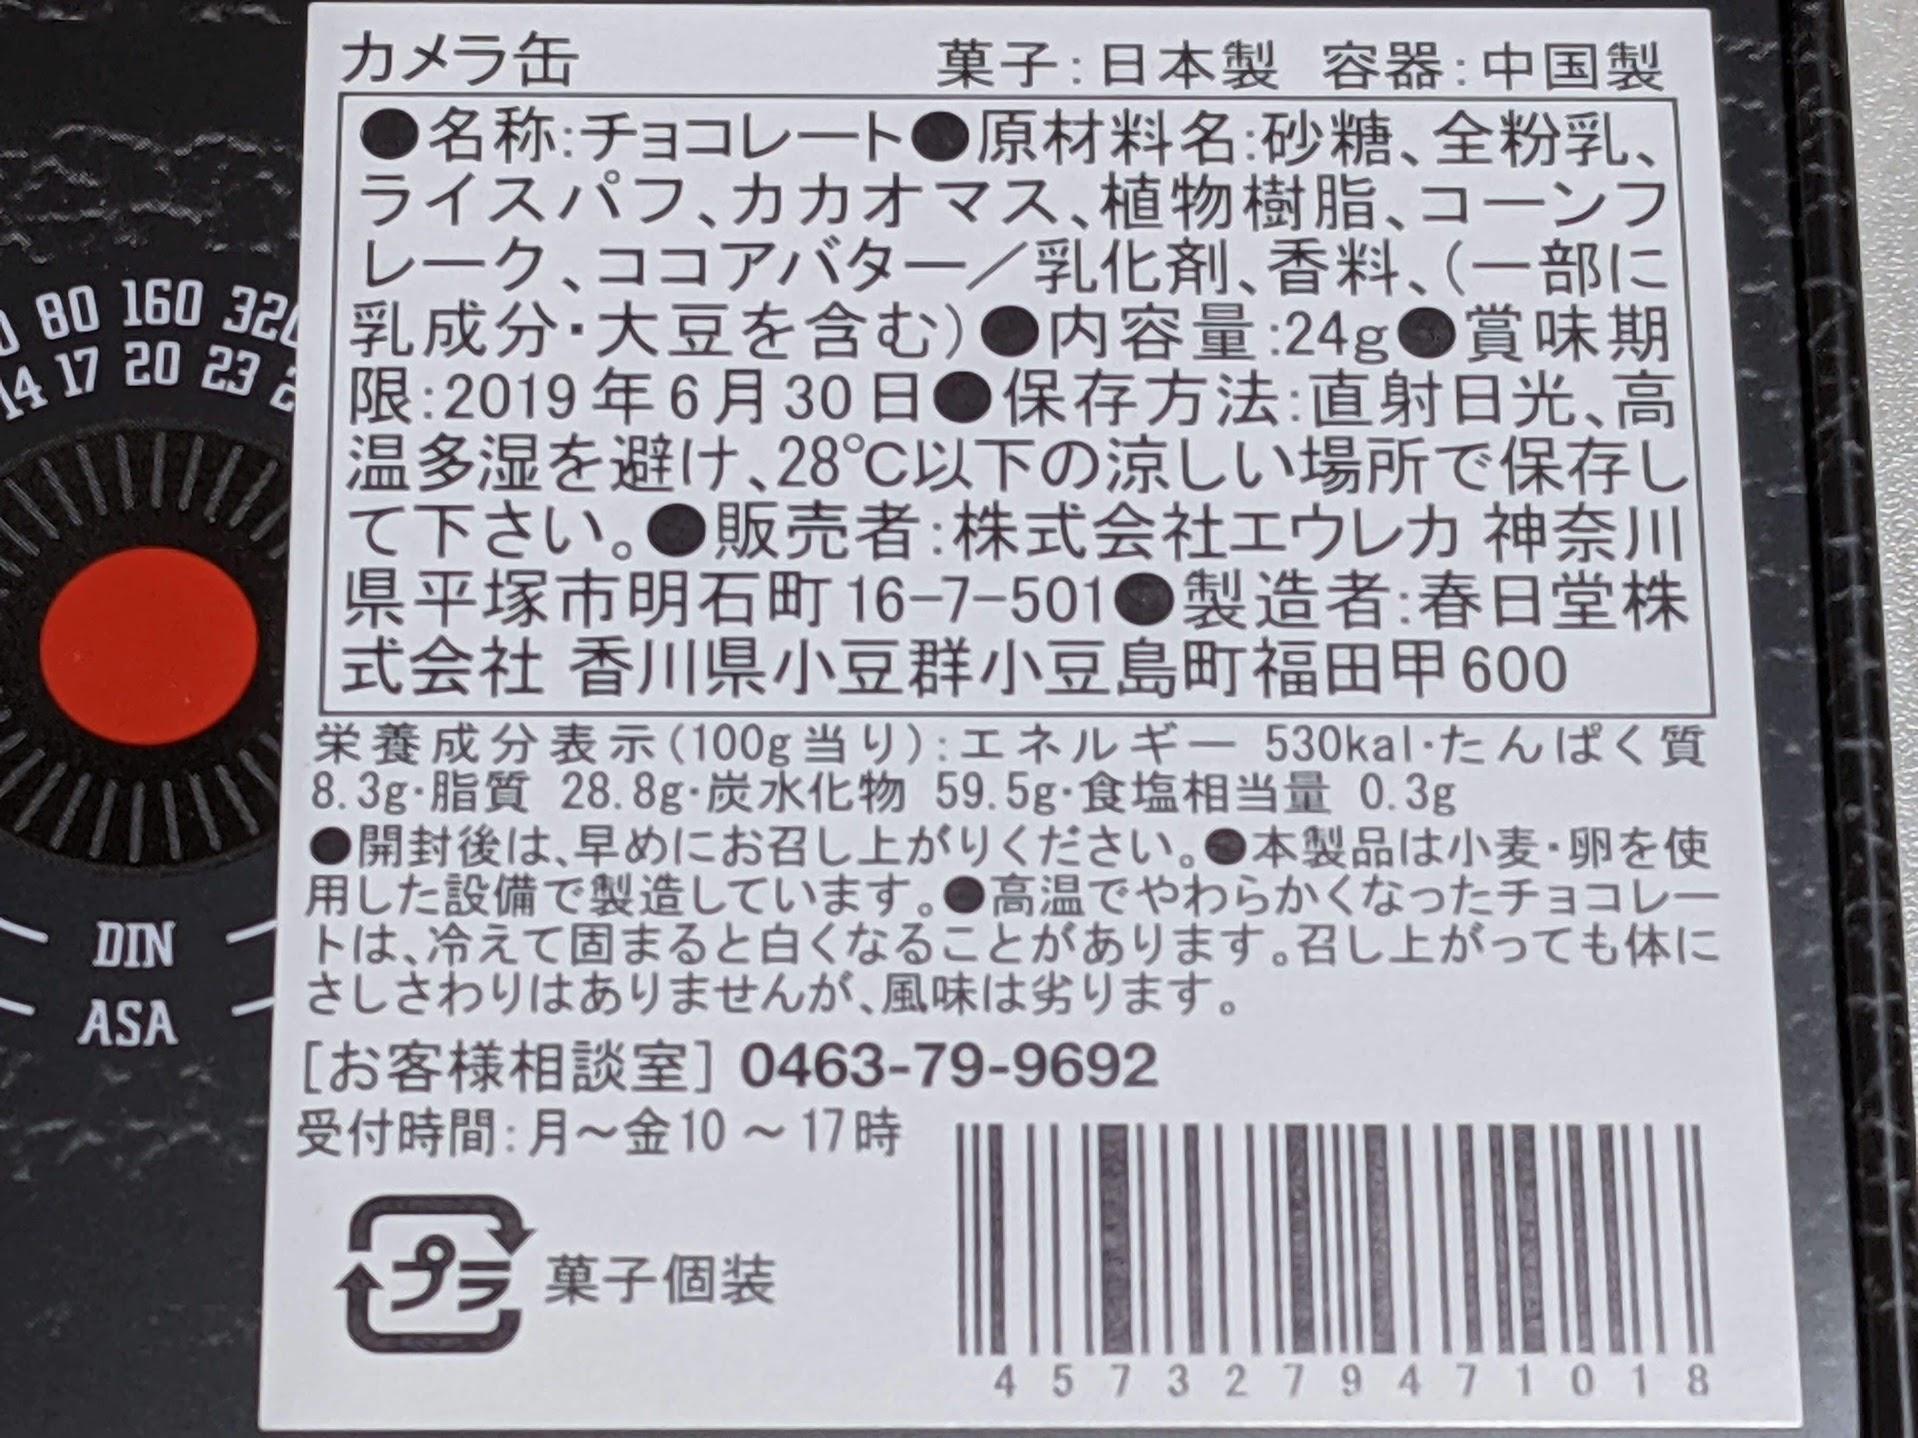 カメラ缶チョコレート 栄養成分表示